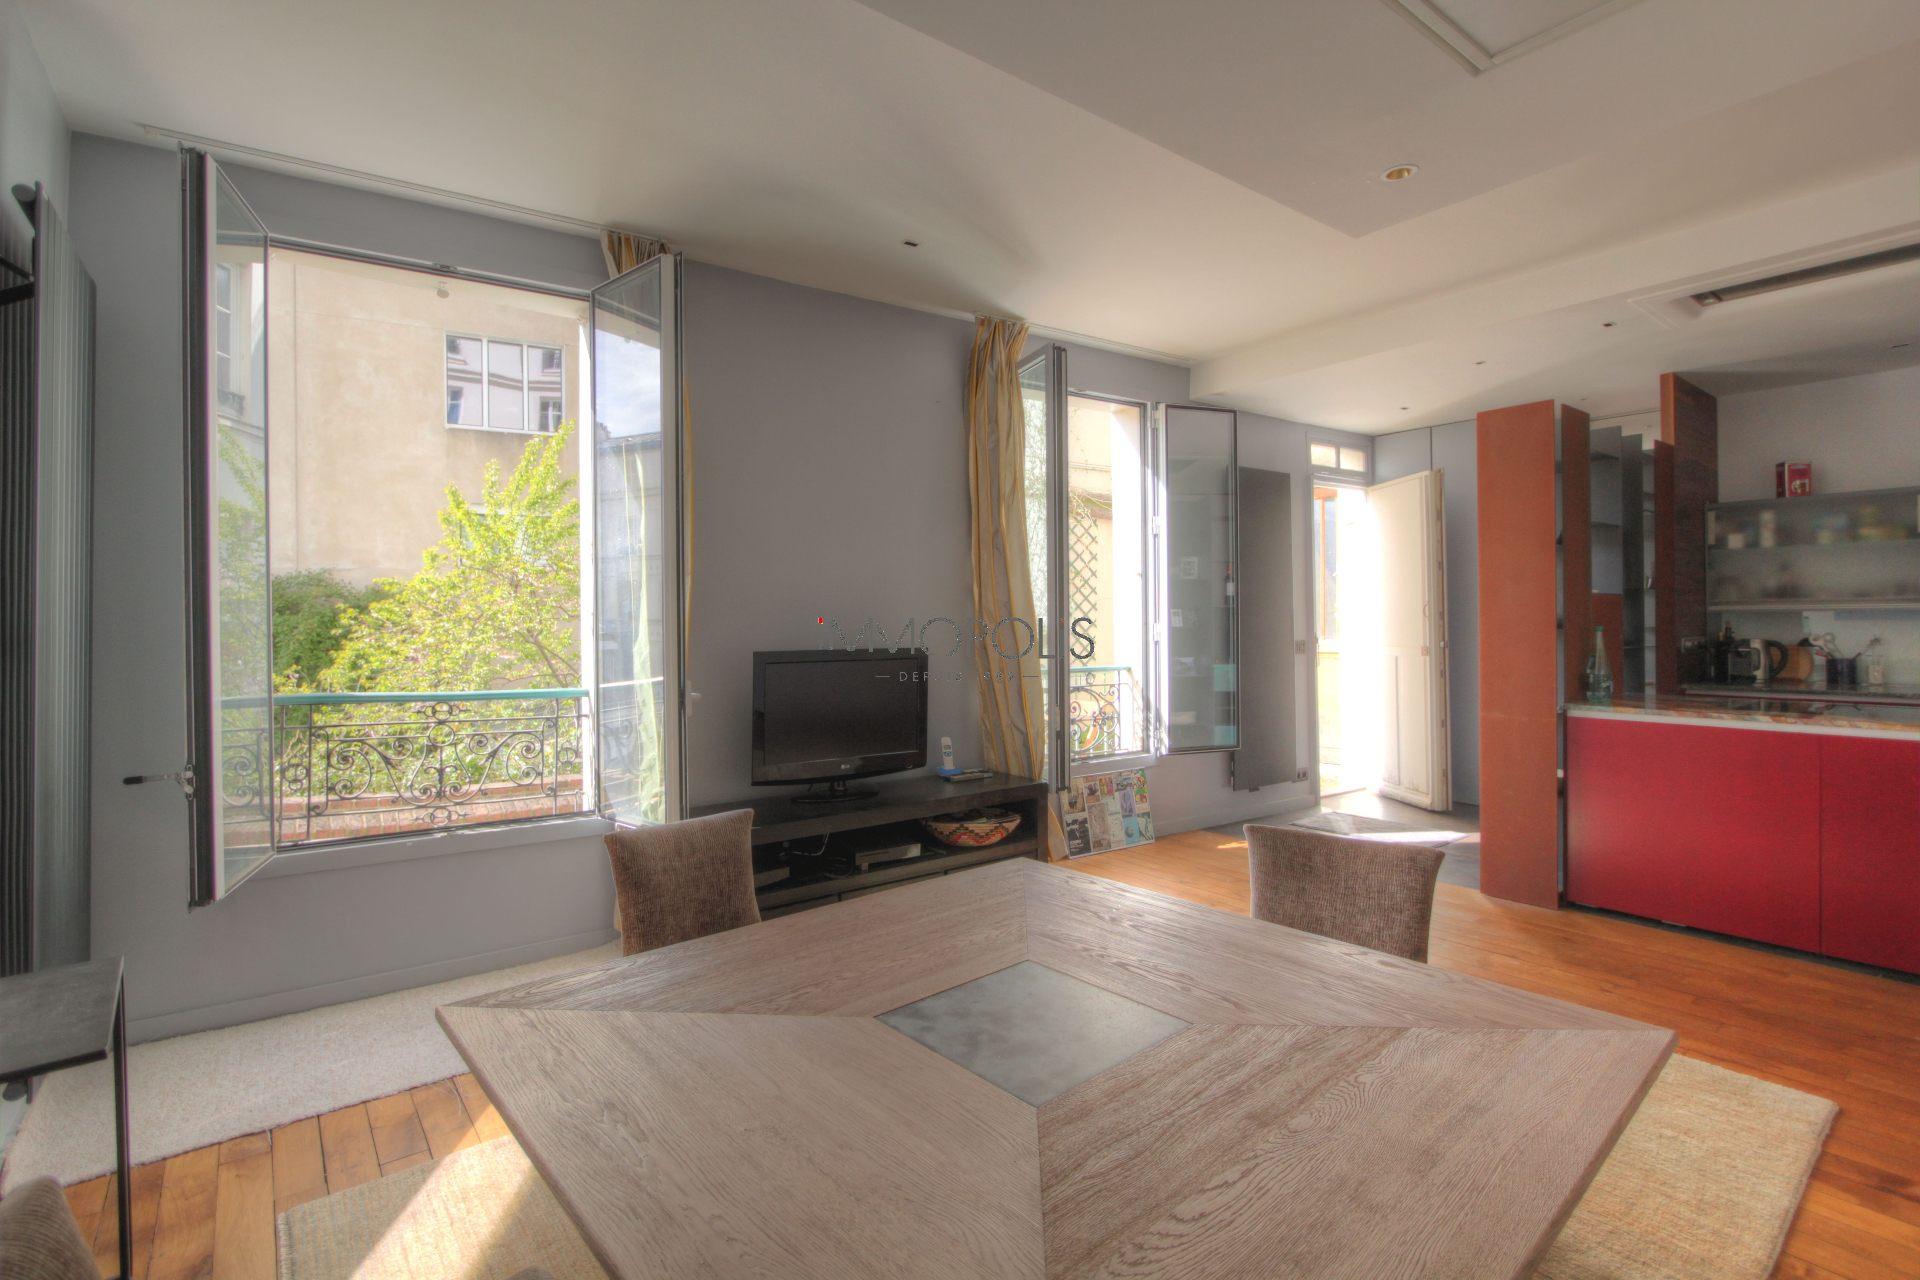 Exceptionnel à Montmartre (rue Gabrielle) : open space refait à neuf, prestations somptueuses, avec balcon et vue dégagée ! 4